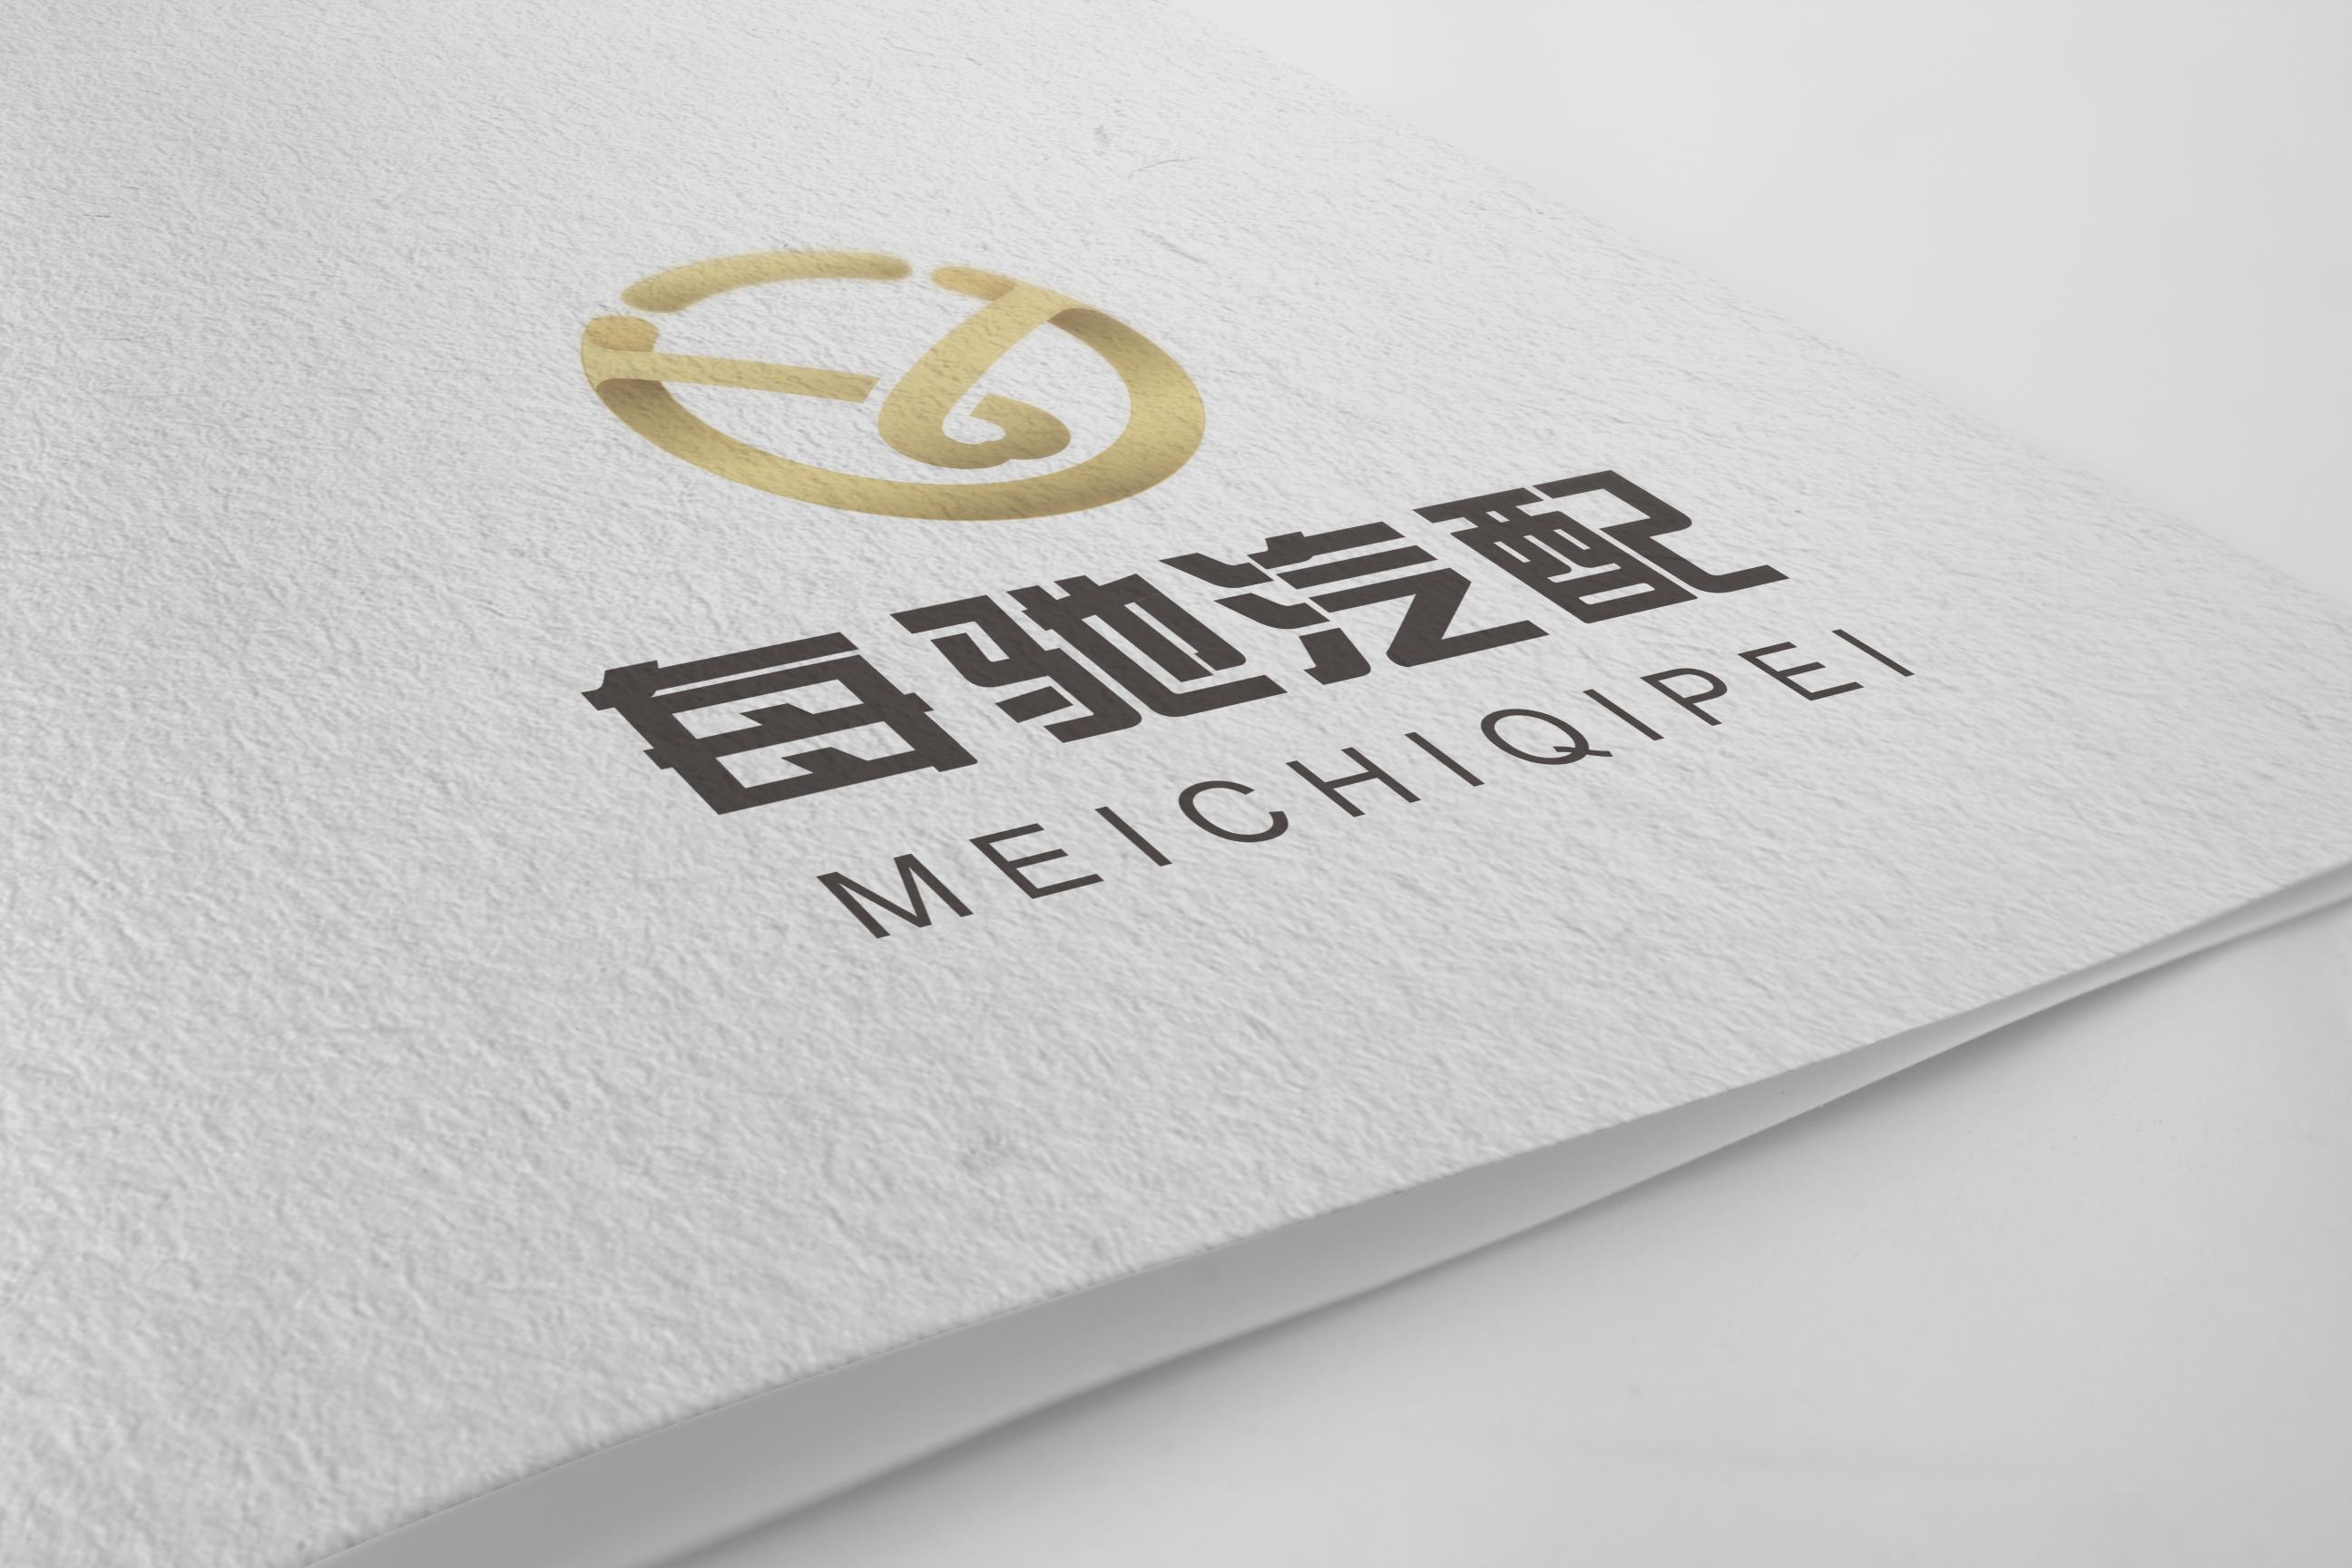 优秀的店名logo如何设计?优秀店名logo设计的几个建议